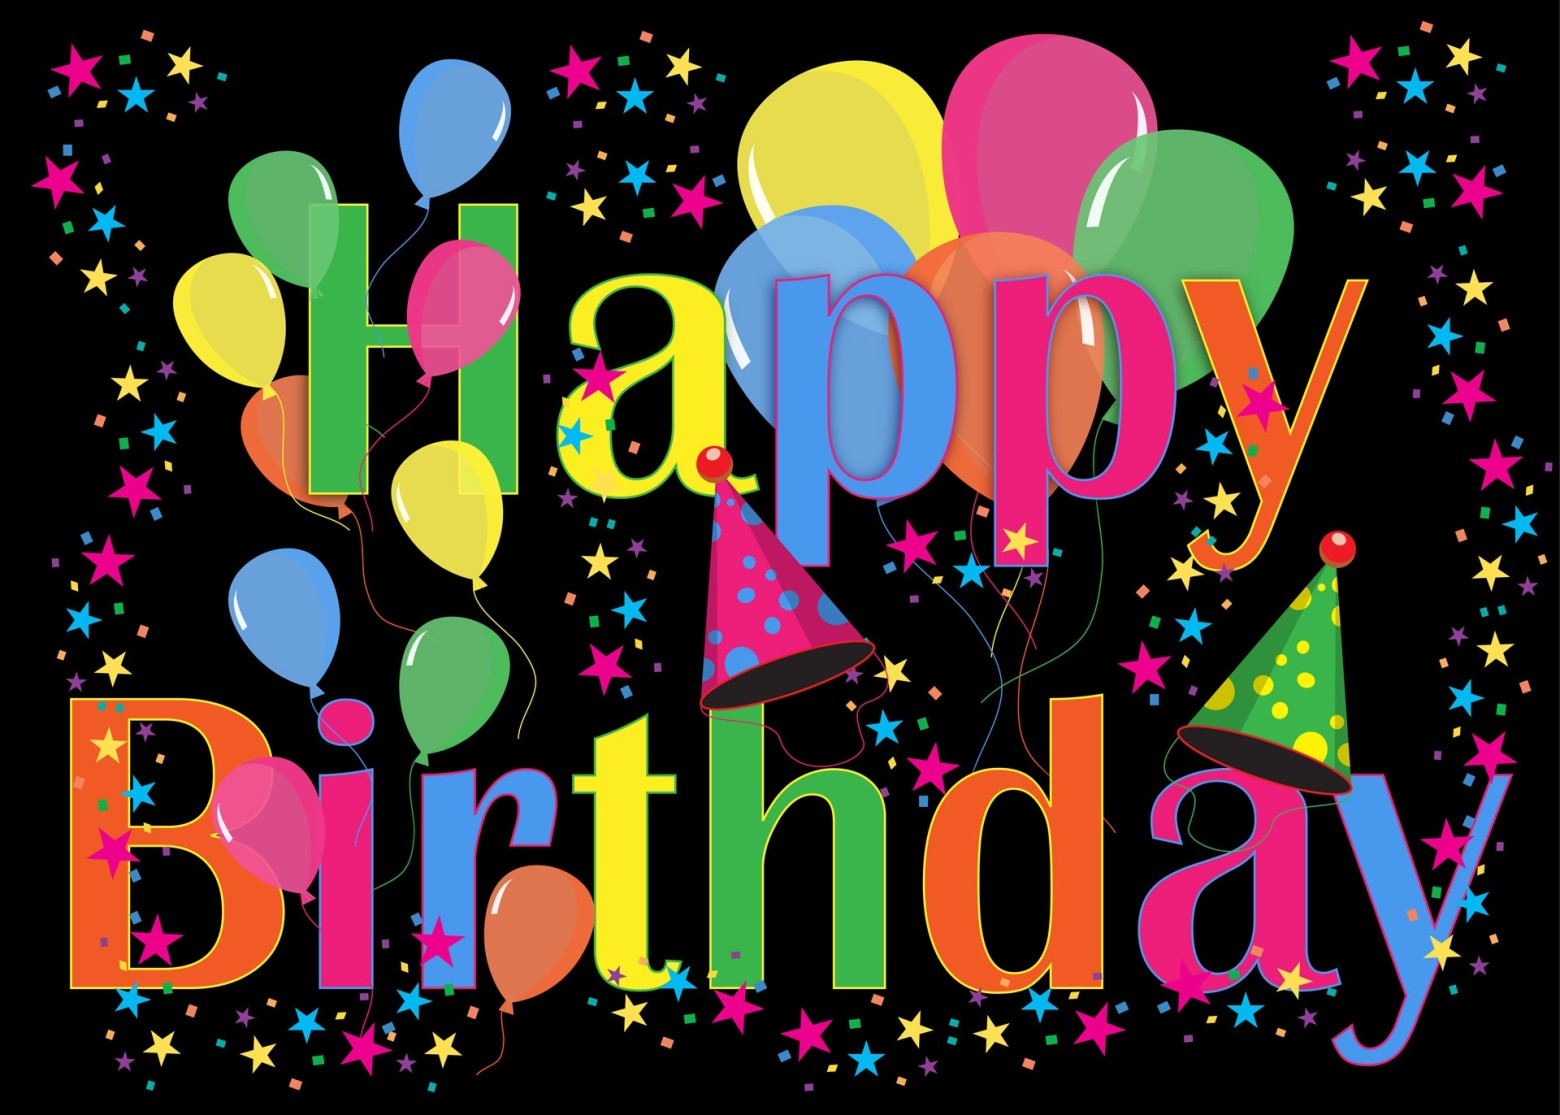 images et photos gratuites libres de droits tlchargement gratuits joyeux anniversaire happy